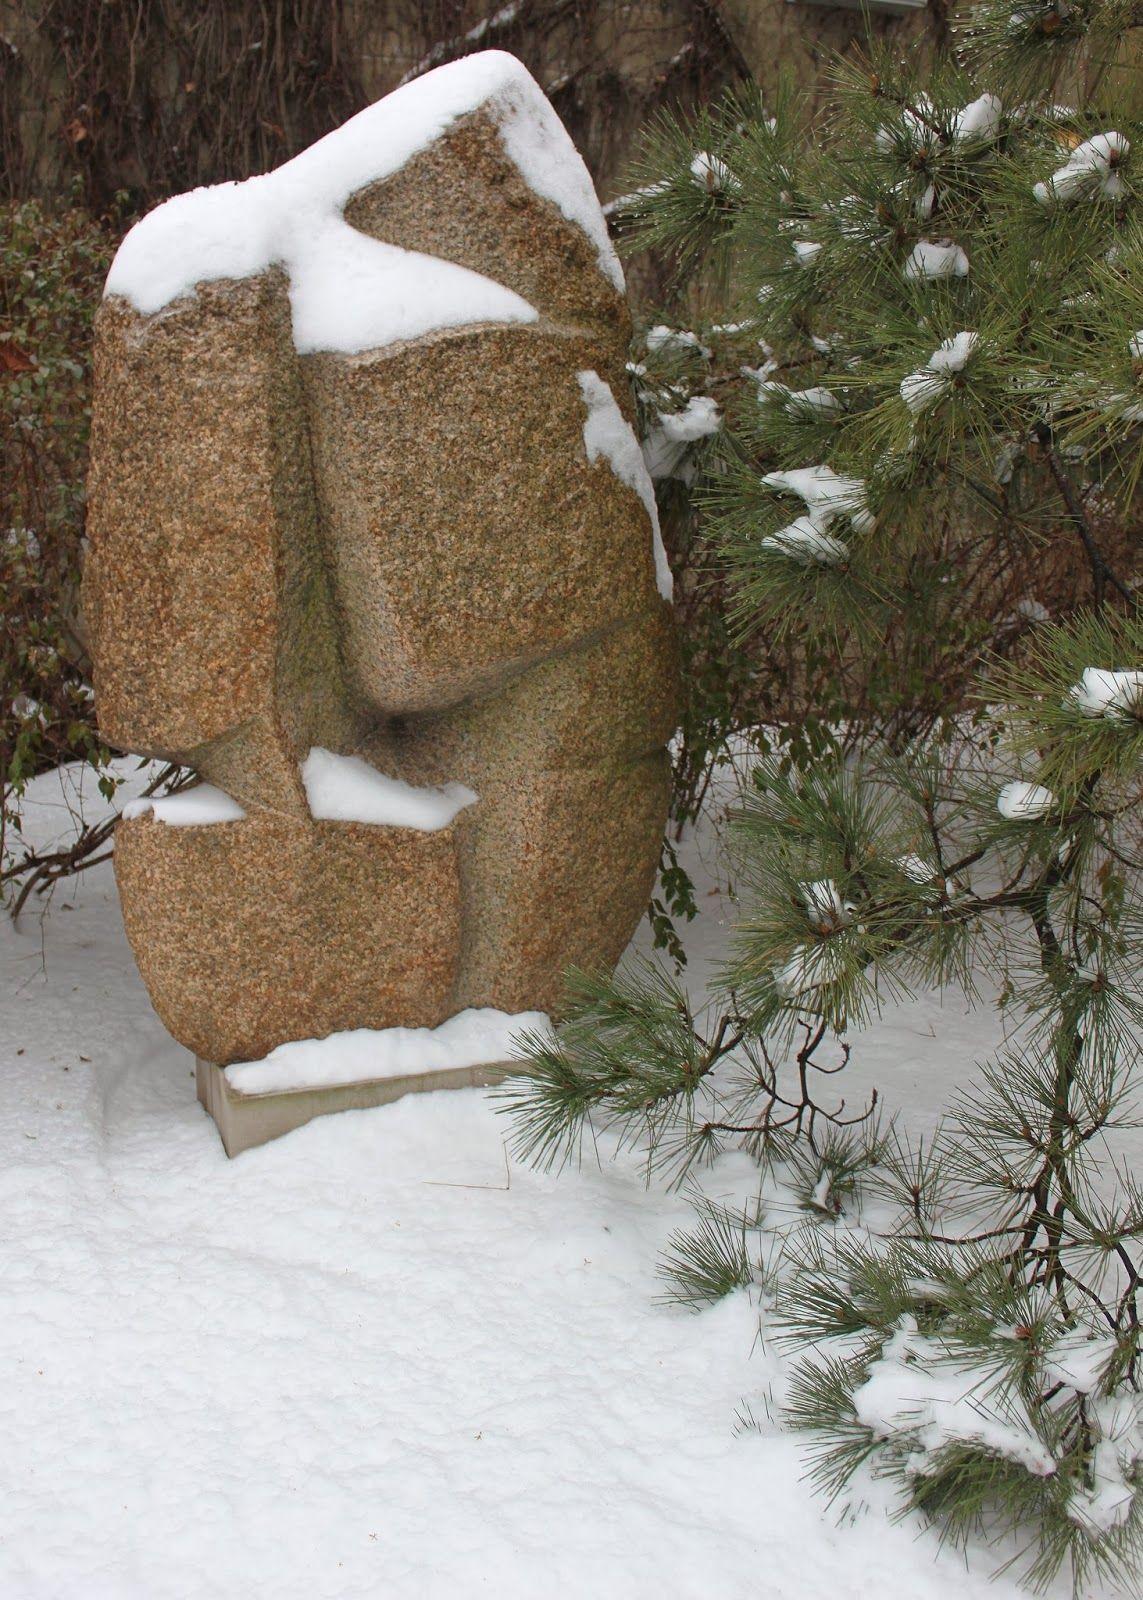 Isamu Noguchi sculpture in snow 2014 - Jan Johnsen   Heaven is a ...